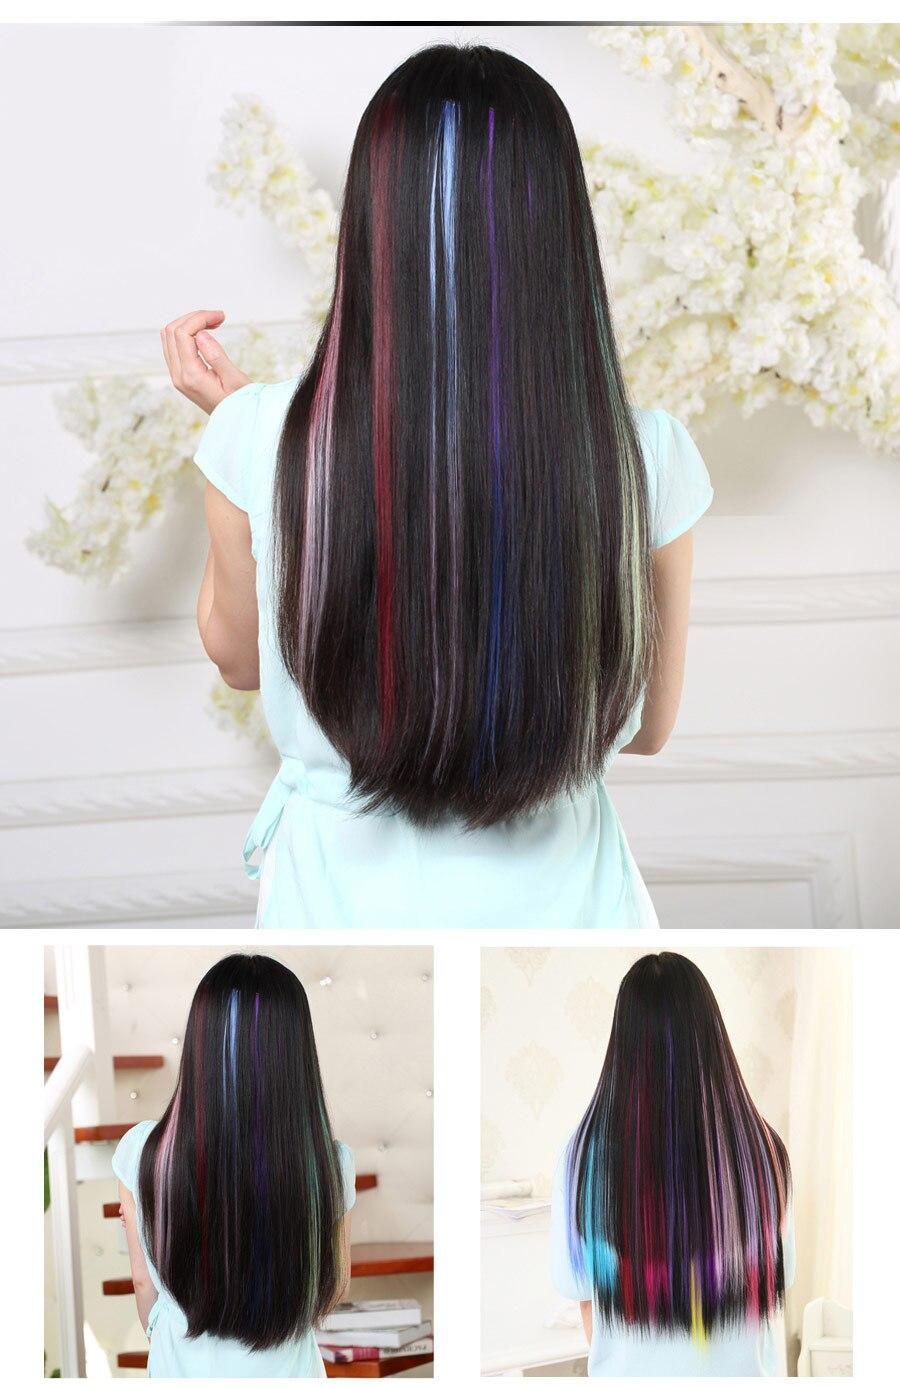 Alileader vente chaude une pince dans les cheveux 20 pouces une pince dans lextension de cheveux cheveux colorés pinces synthétiques plus durables droites